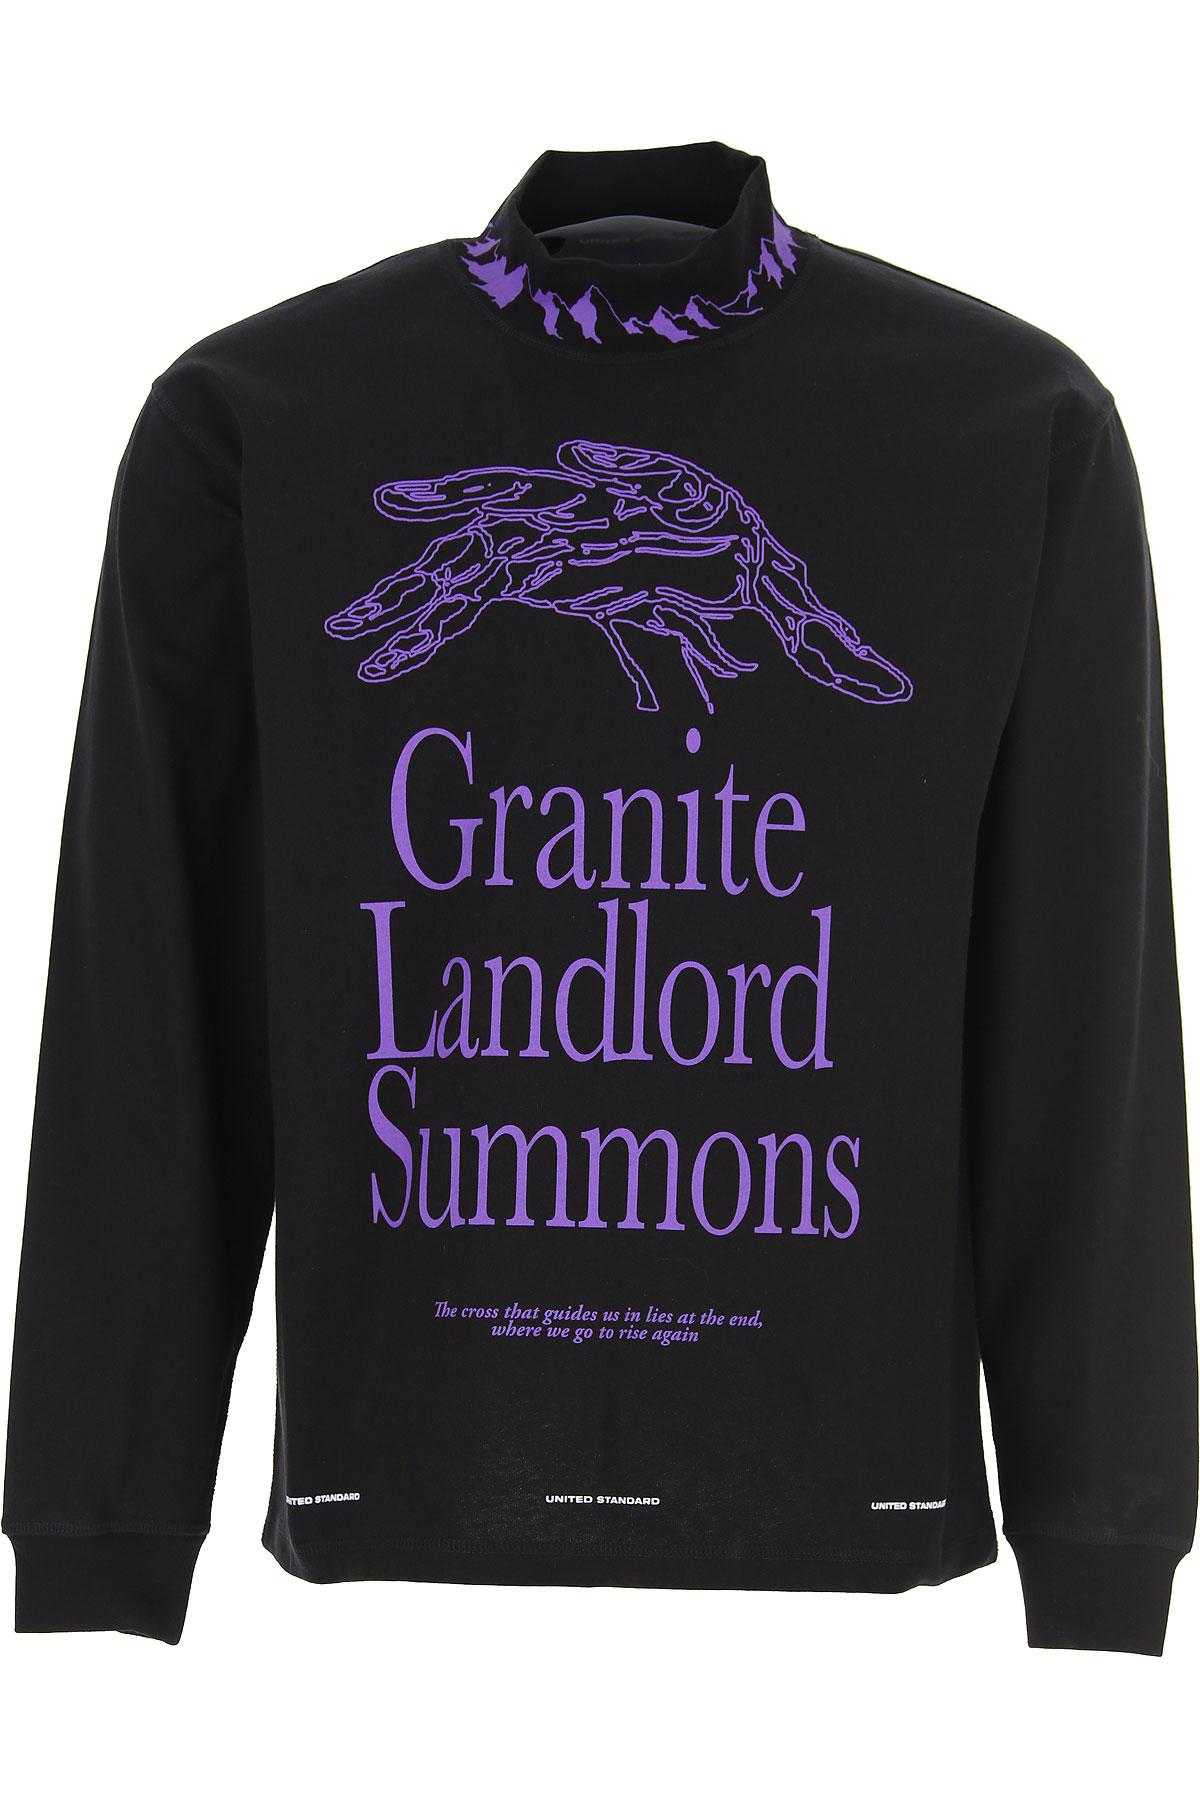 United Standard T-Shirt for Men, Black, Cotton, 2019, L S XL